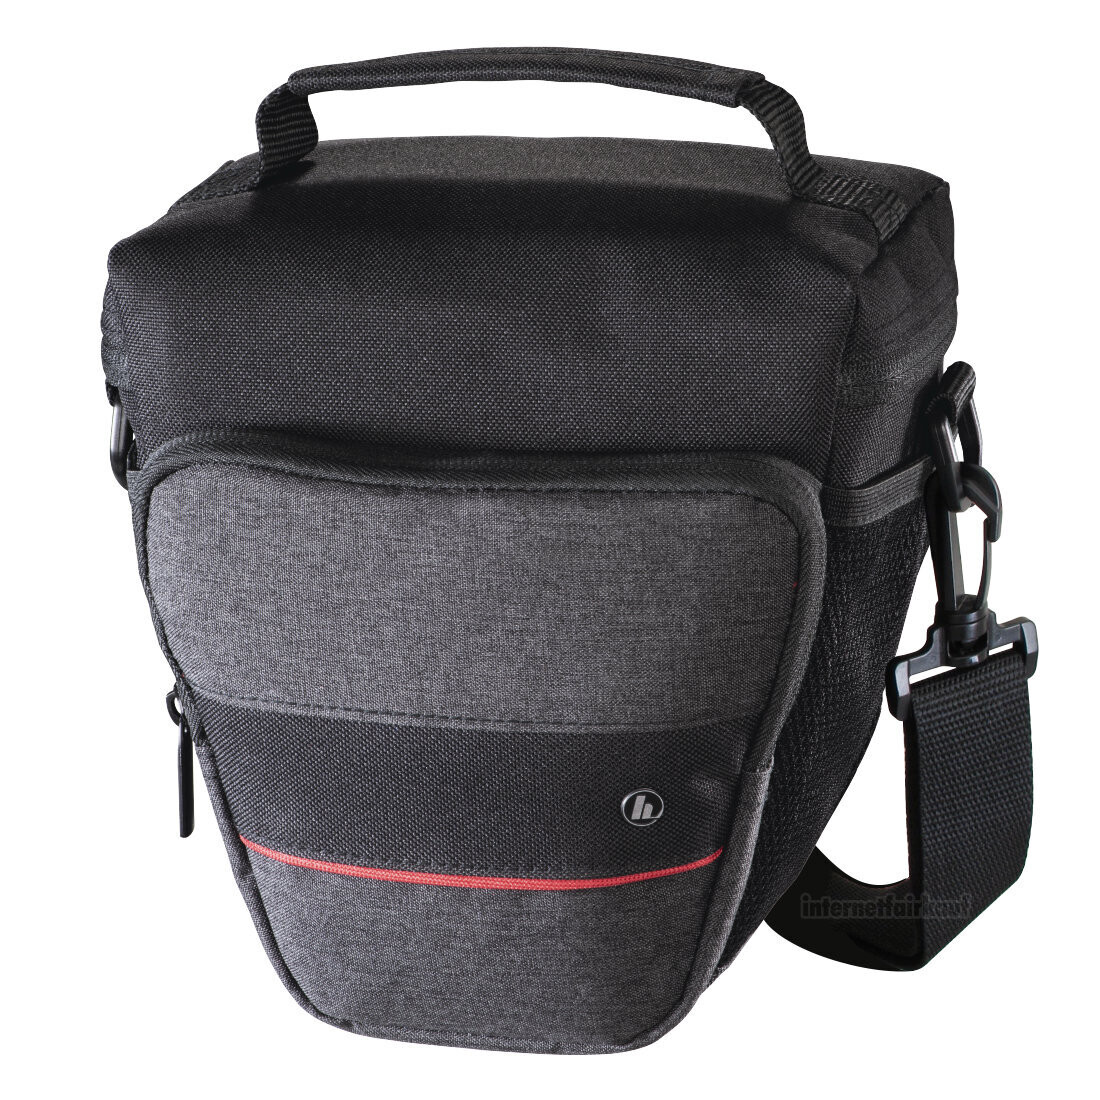 Fototasche passend für Canon EOS 1300D 800D 750D 700D